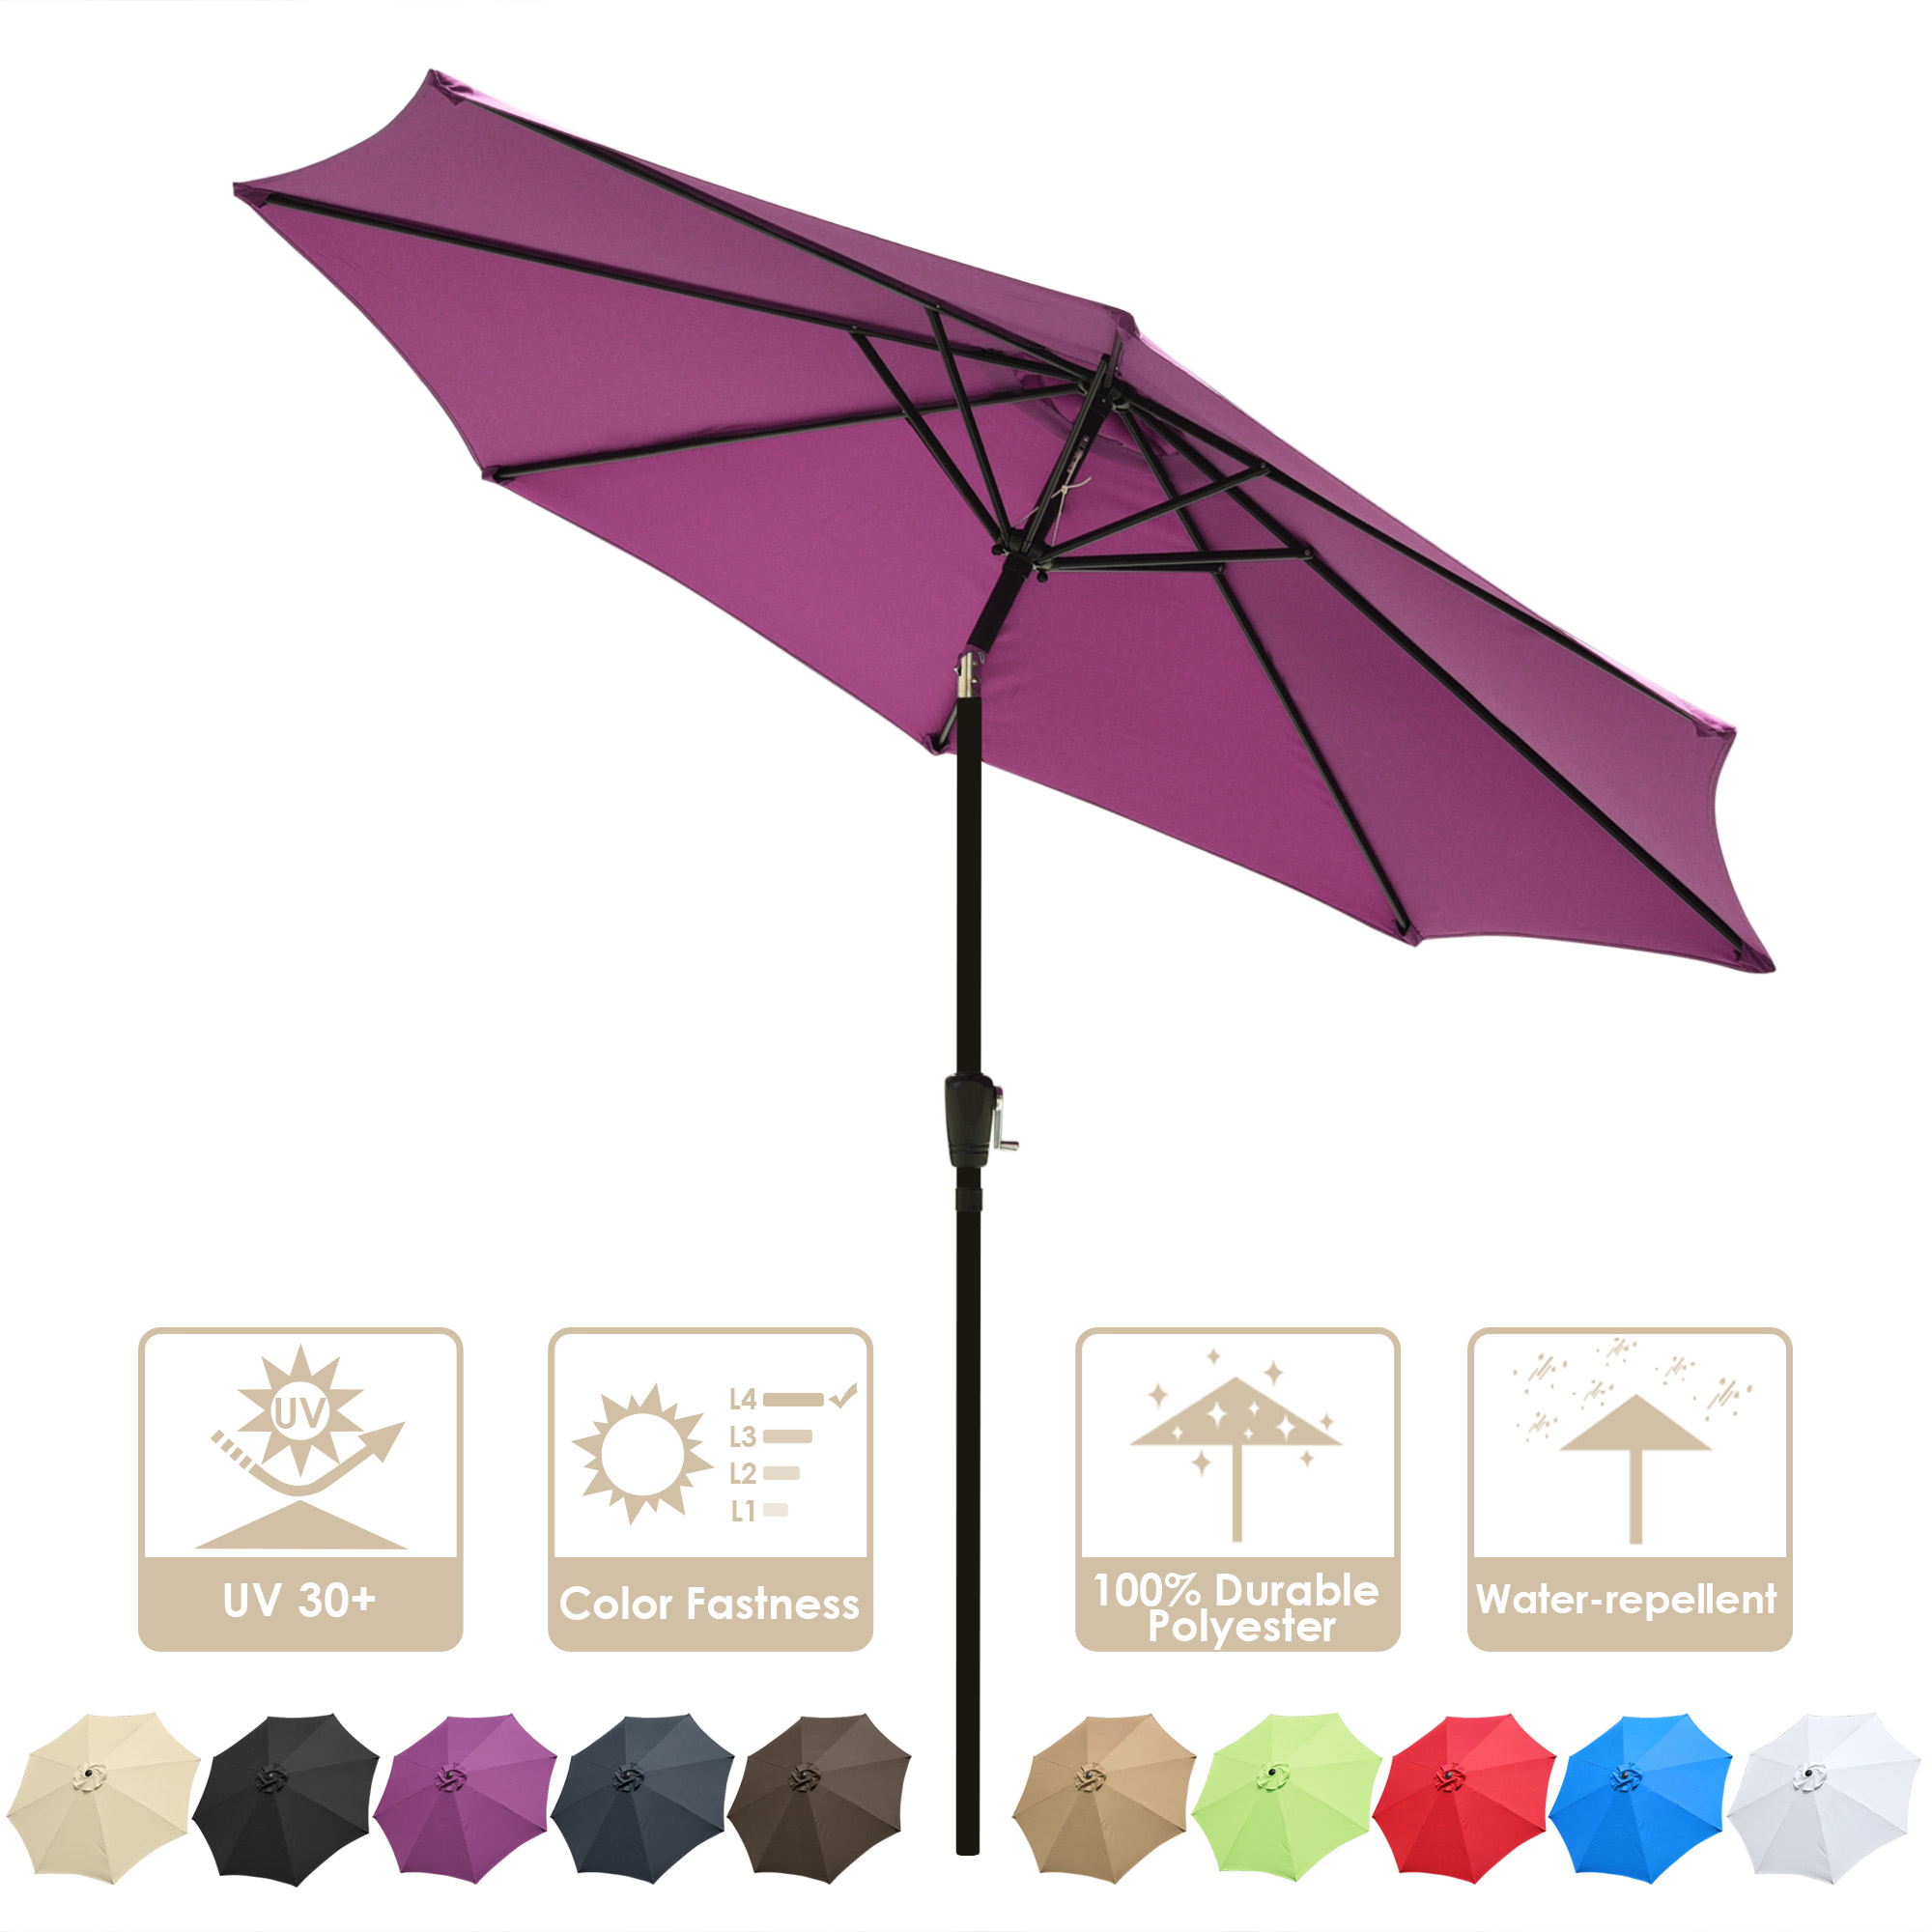 thumbnail 81 - 9' Outdoor Umbrella Patio 8 Ribs Market Garden Crank Tilt Beach Sunshade Parasol